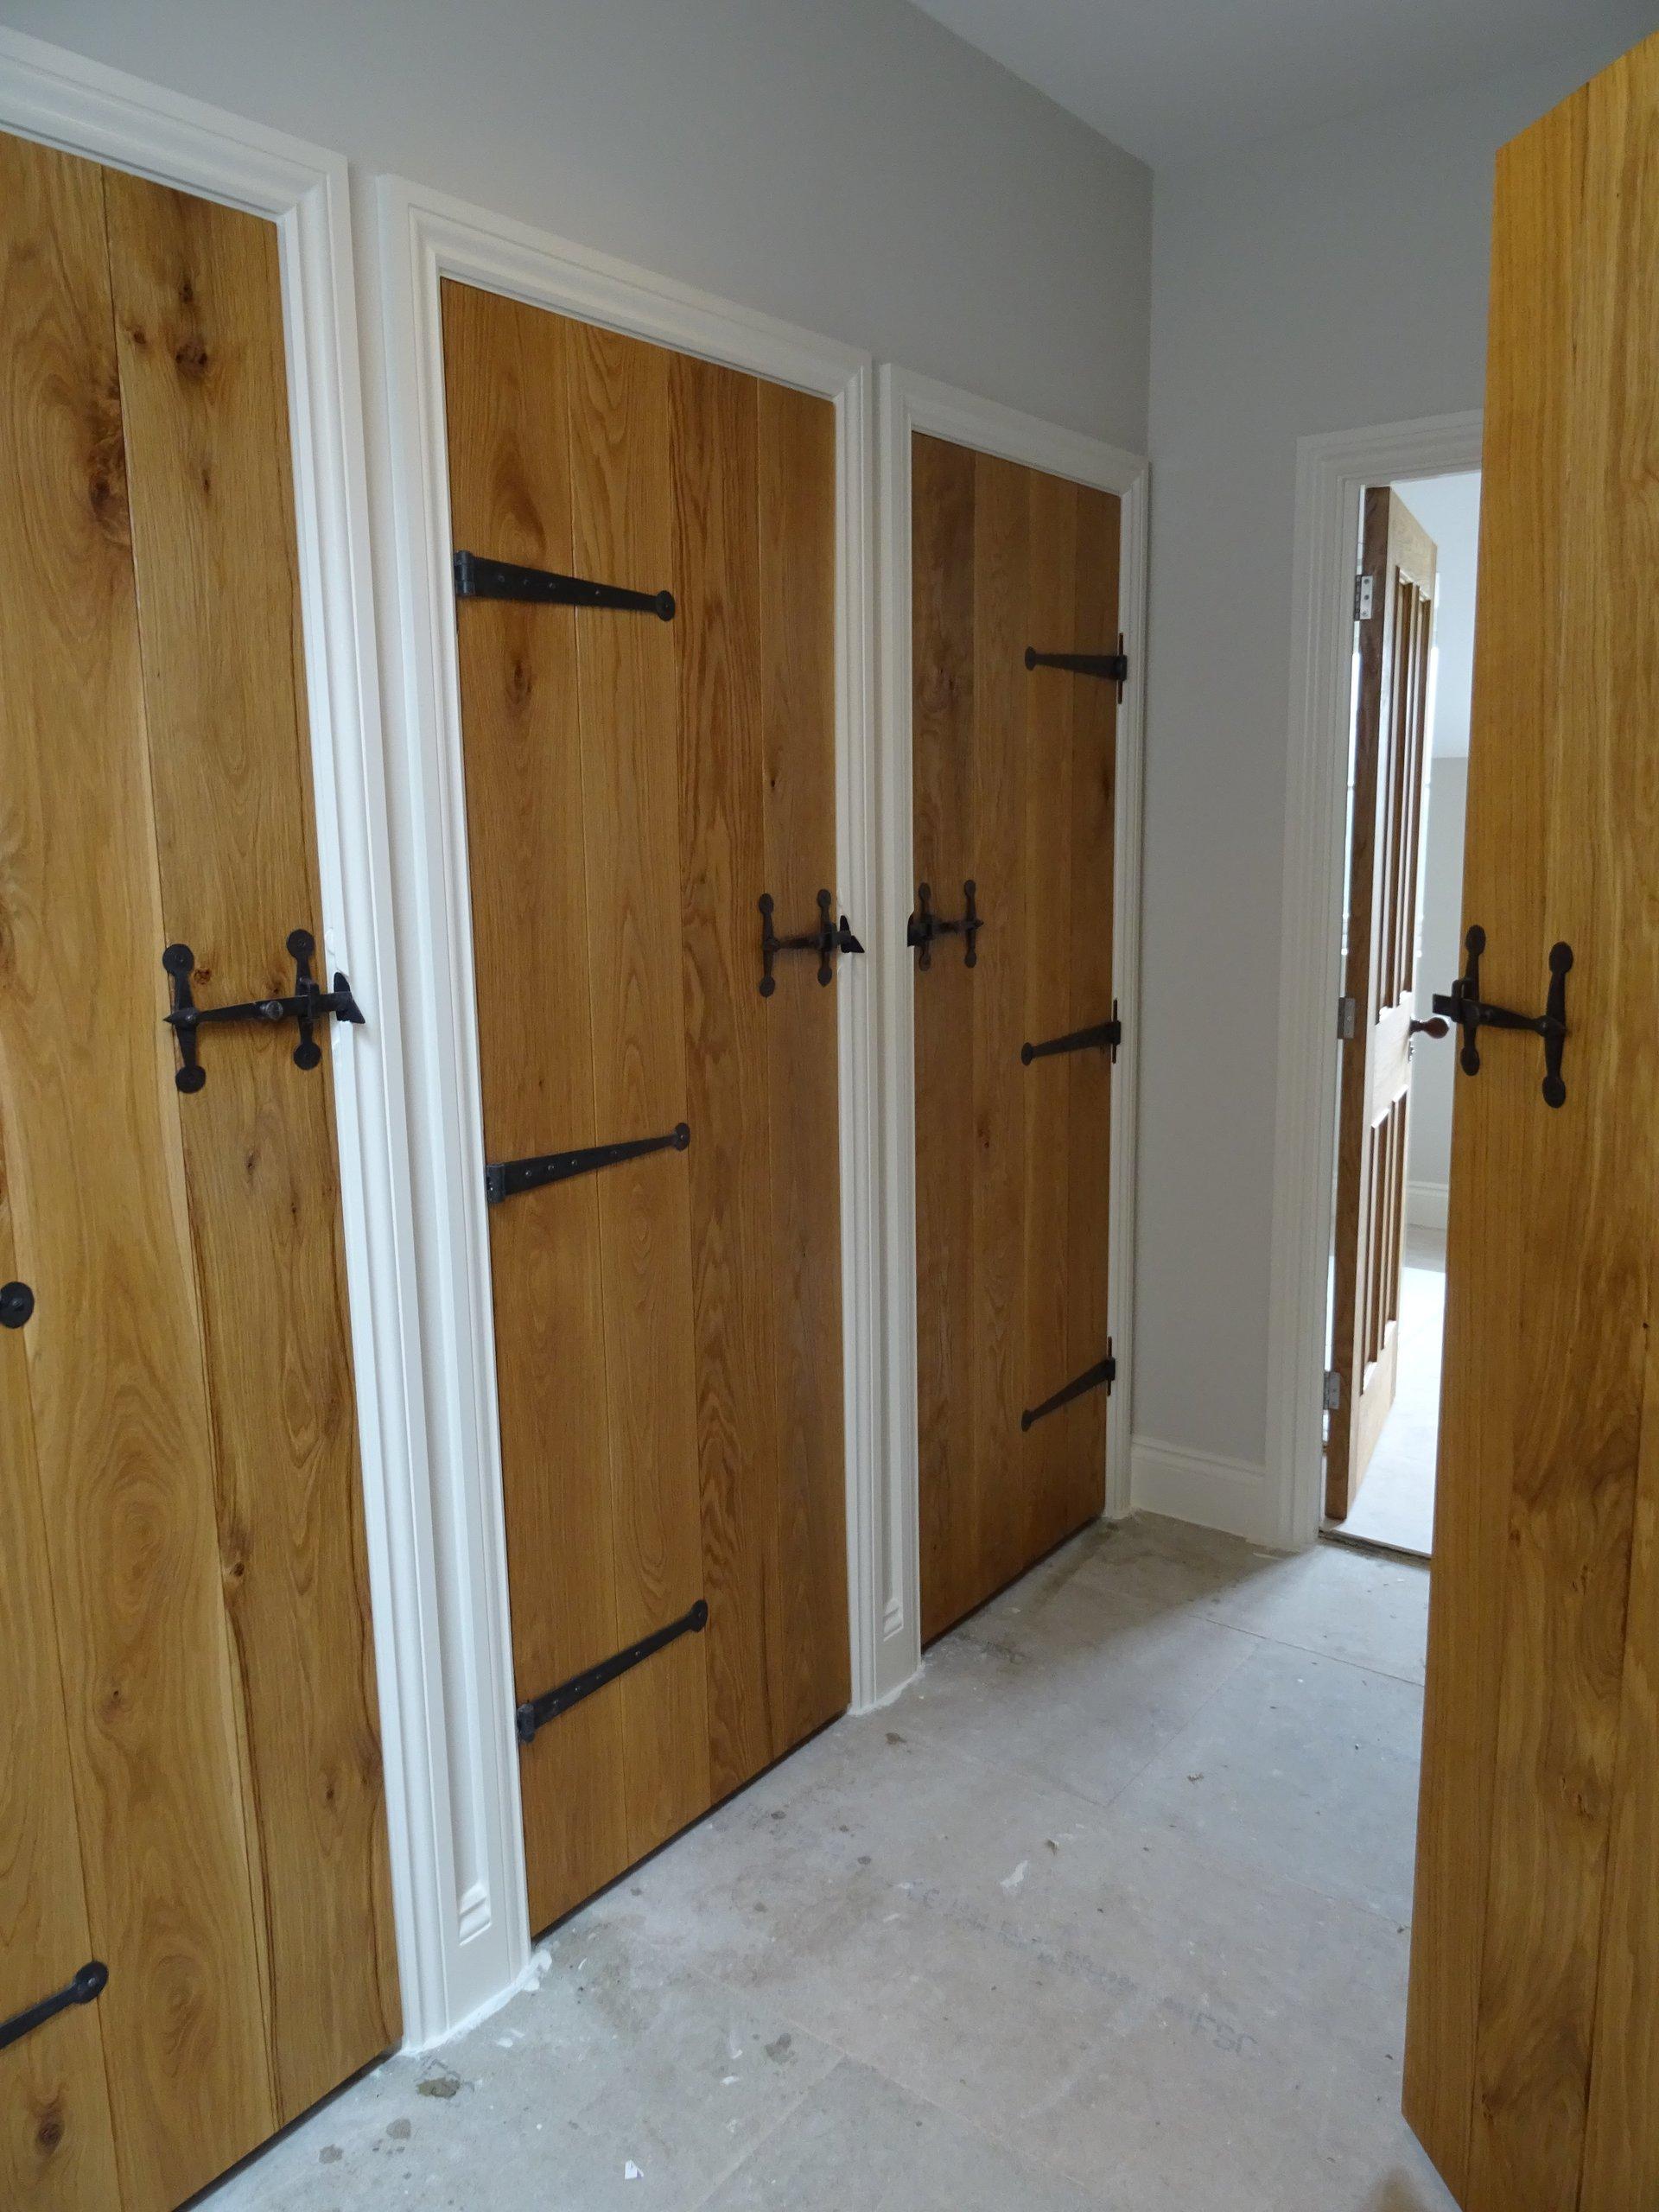 vintage style doors